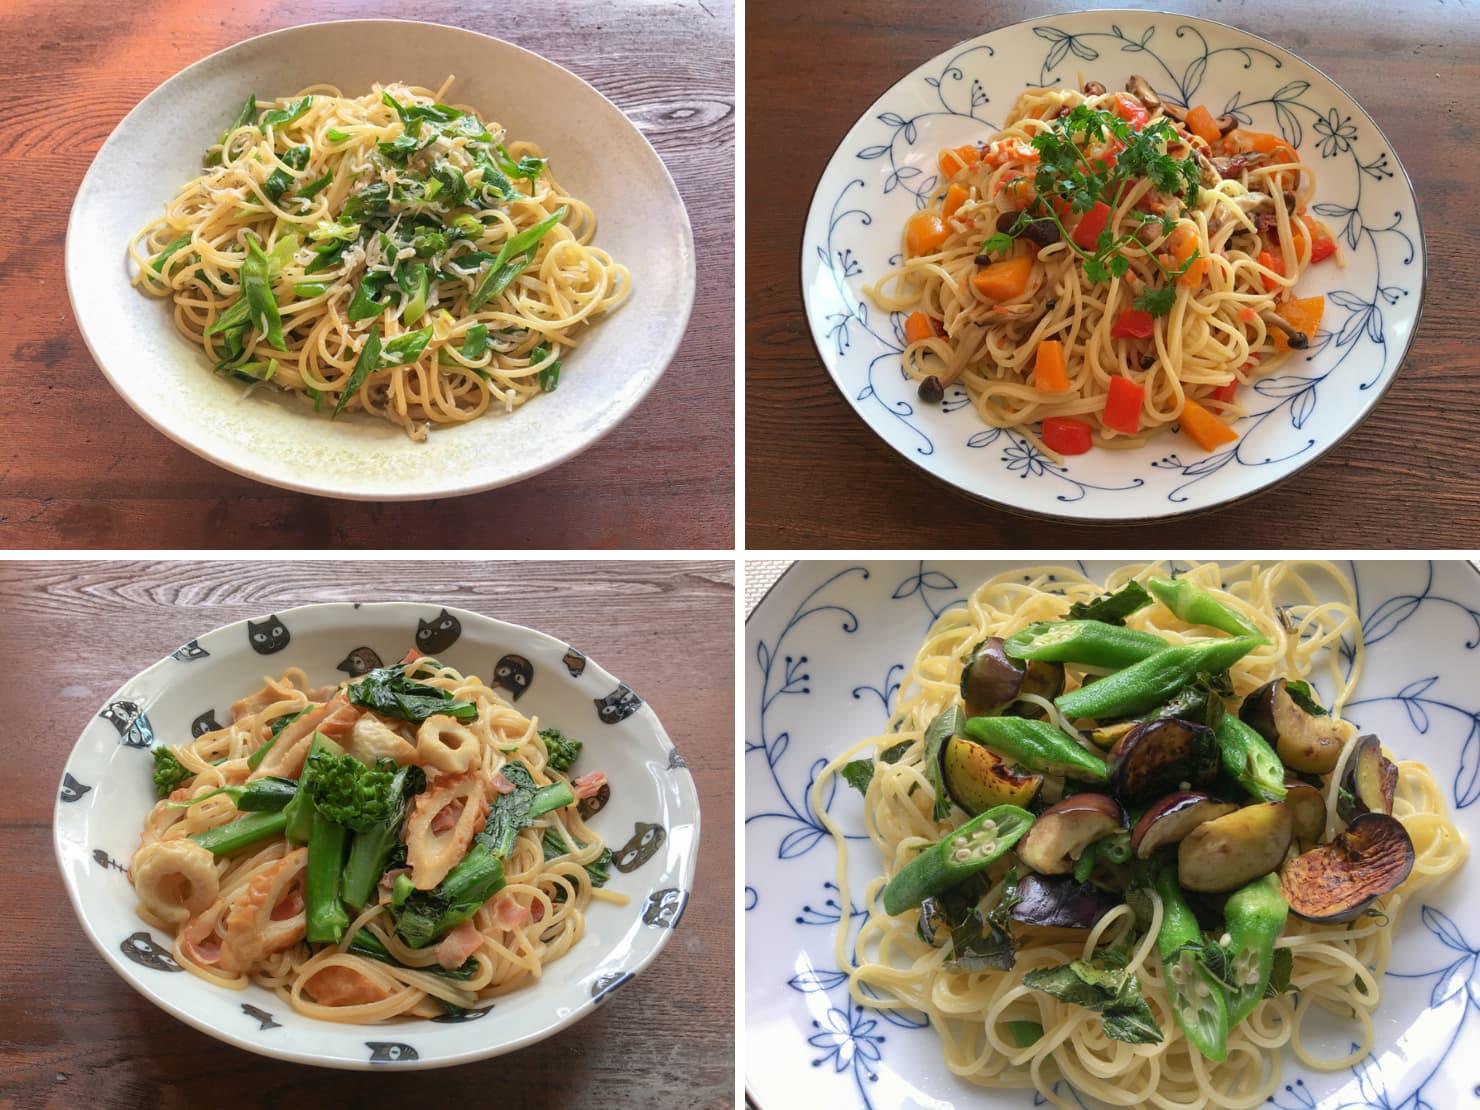 いろいろな野菜のオイルパスタの写真